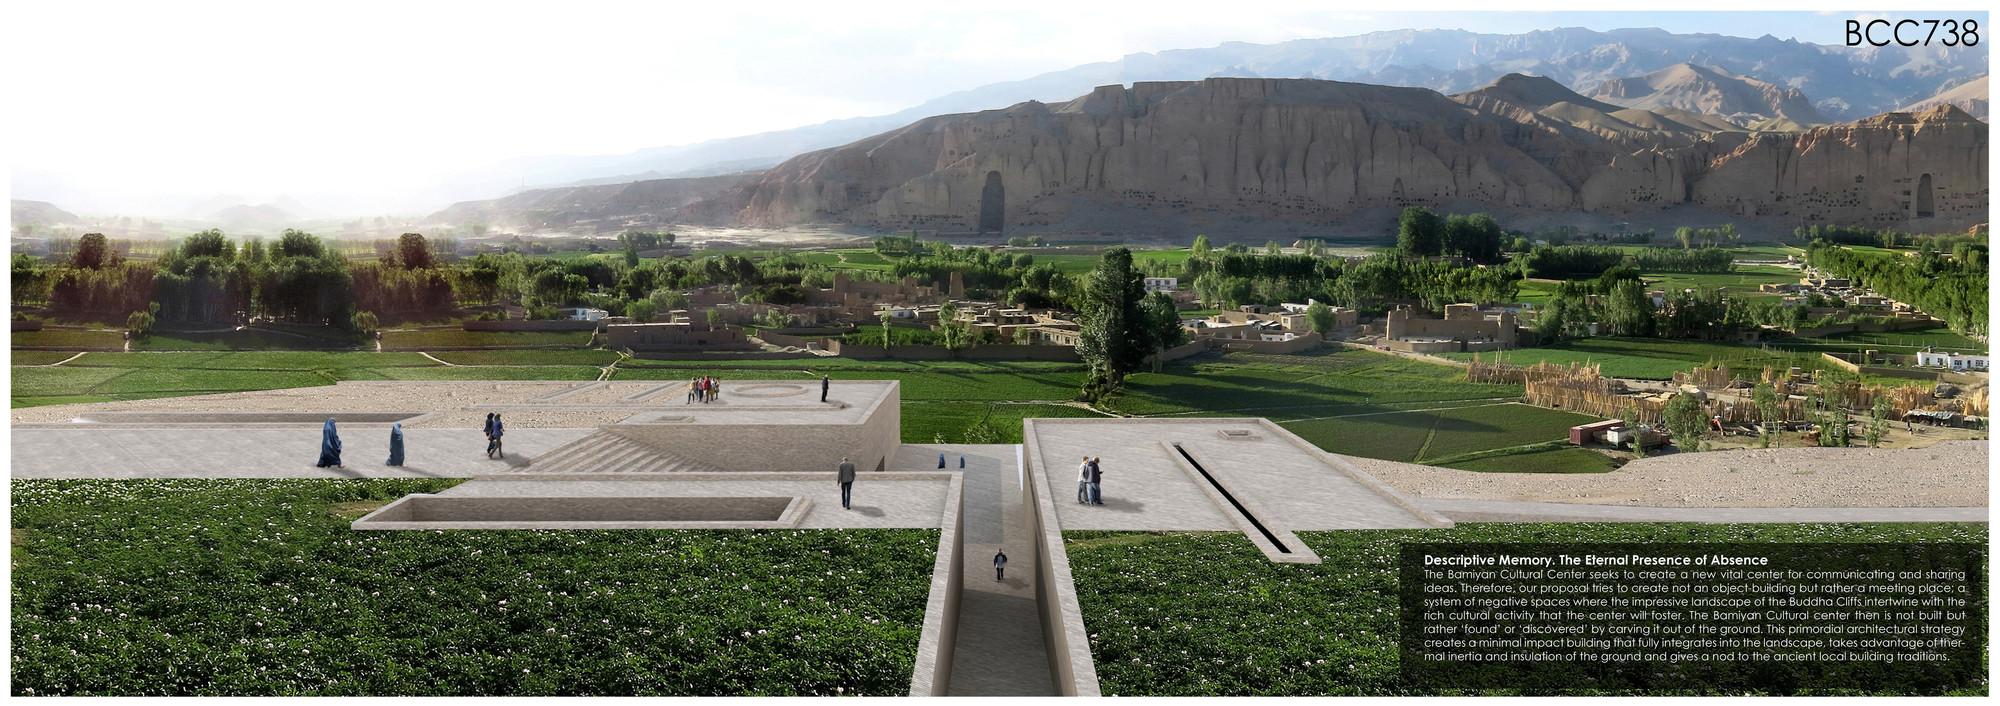 Arquitectos argentinos obtienen primer lugar en concurso UNESCO para diseñar centro cultural en Afganistán, Propuesta ganadora. Image Cortesia de UNESCO